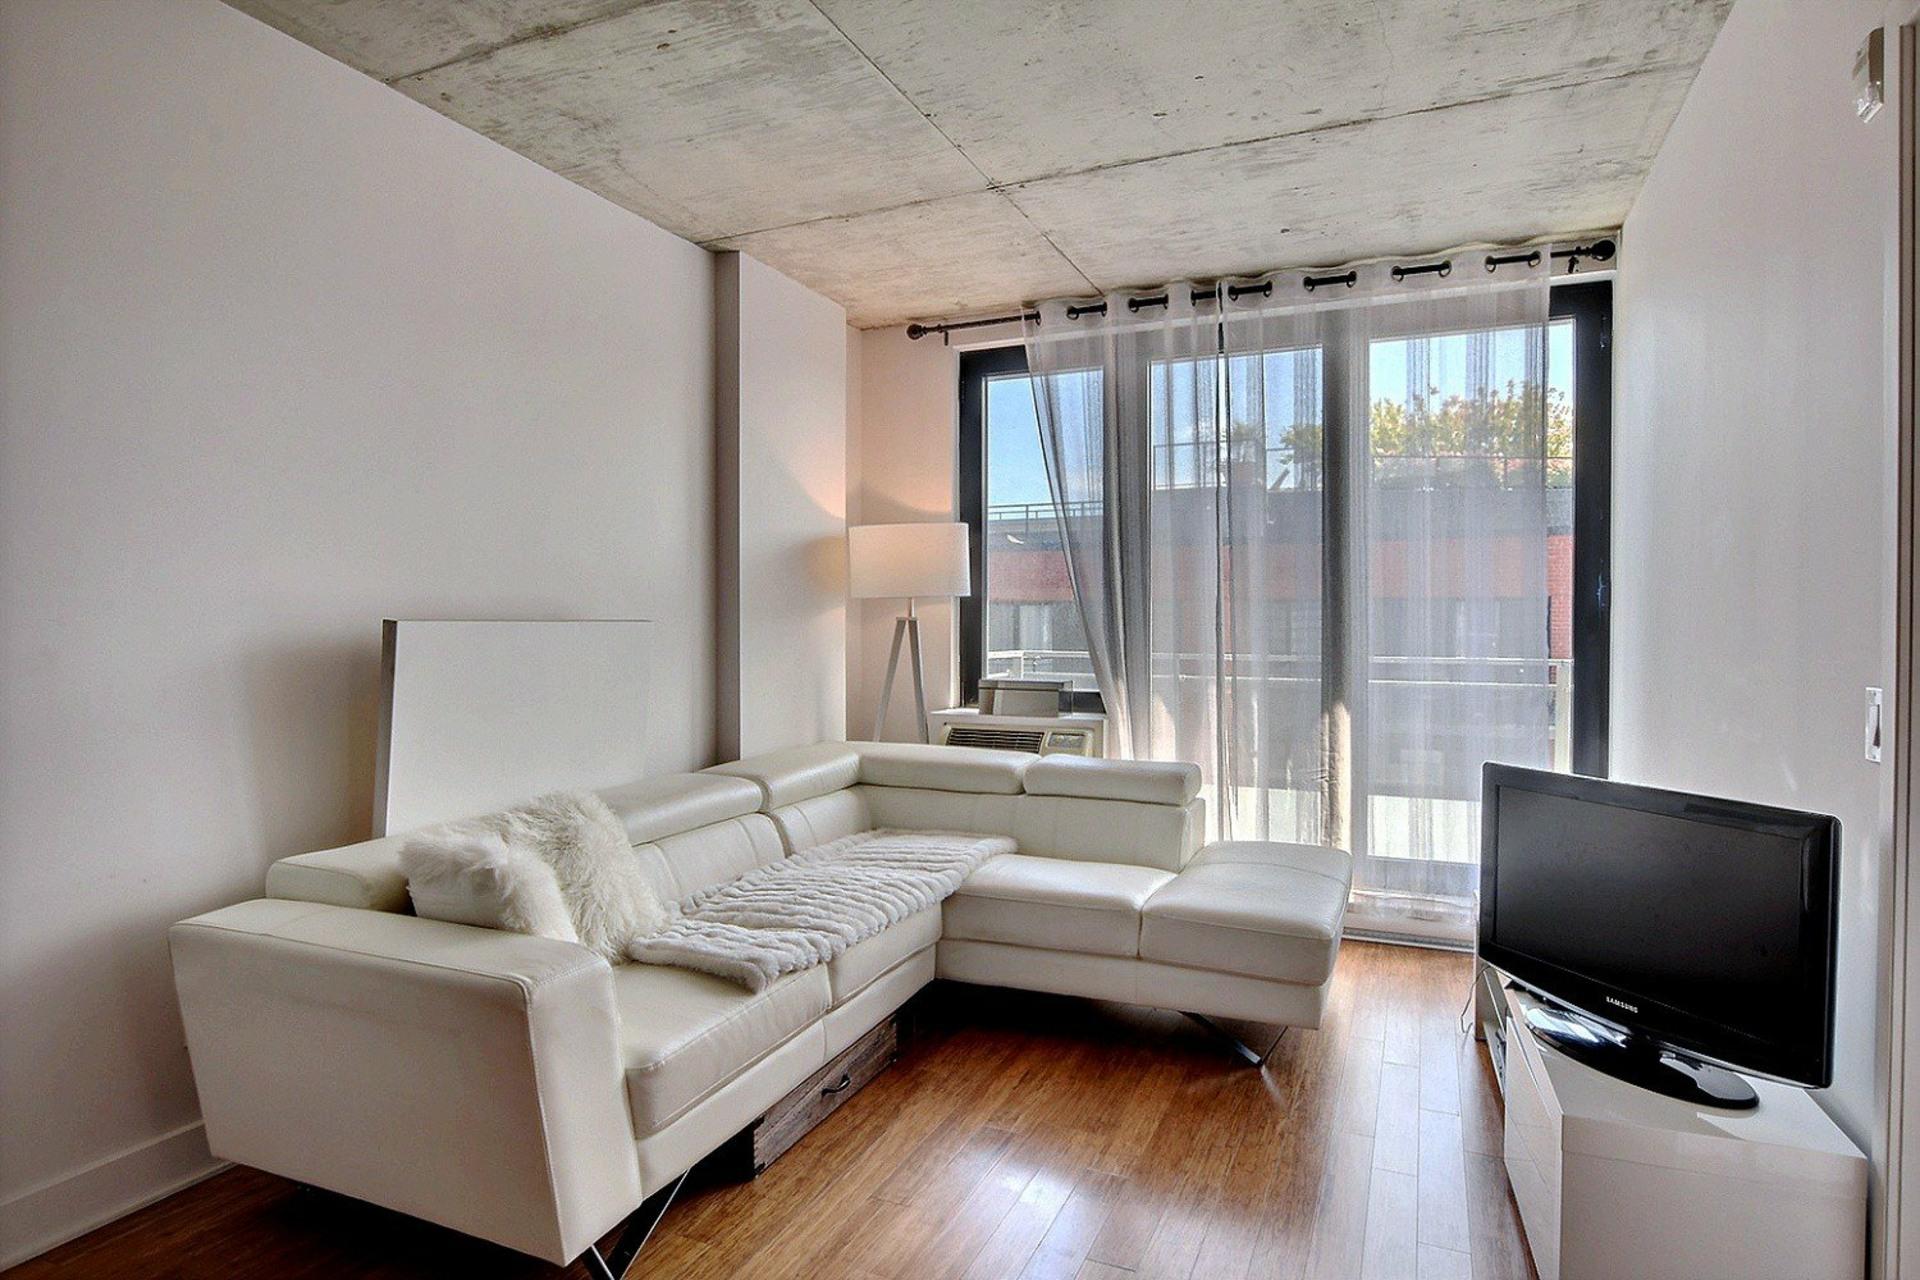 image 2 - Appartement À vendre Montréal Le Sud-Ouest  - 6 pièces